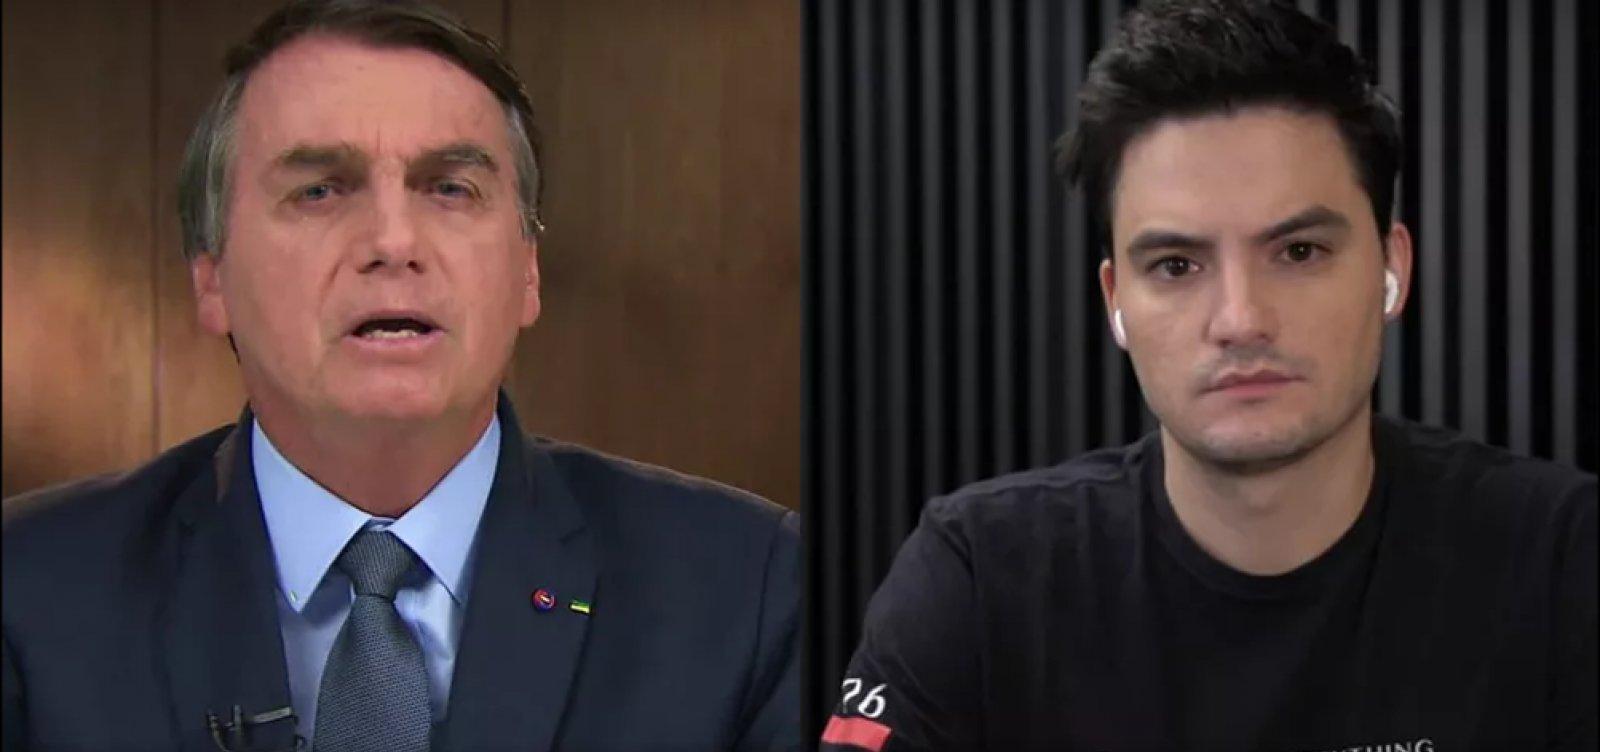 Revista Time inclui Felipe Neto e Bolsonaro na lista de 100 mais influentes do mundo